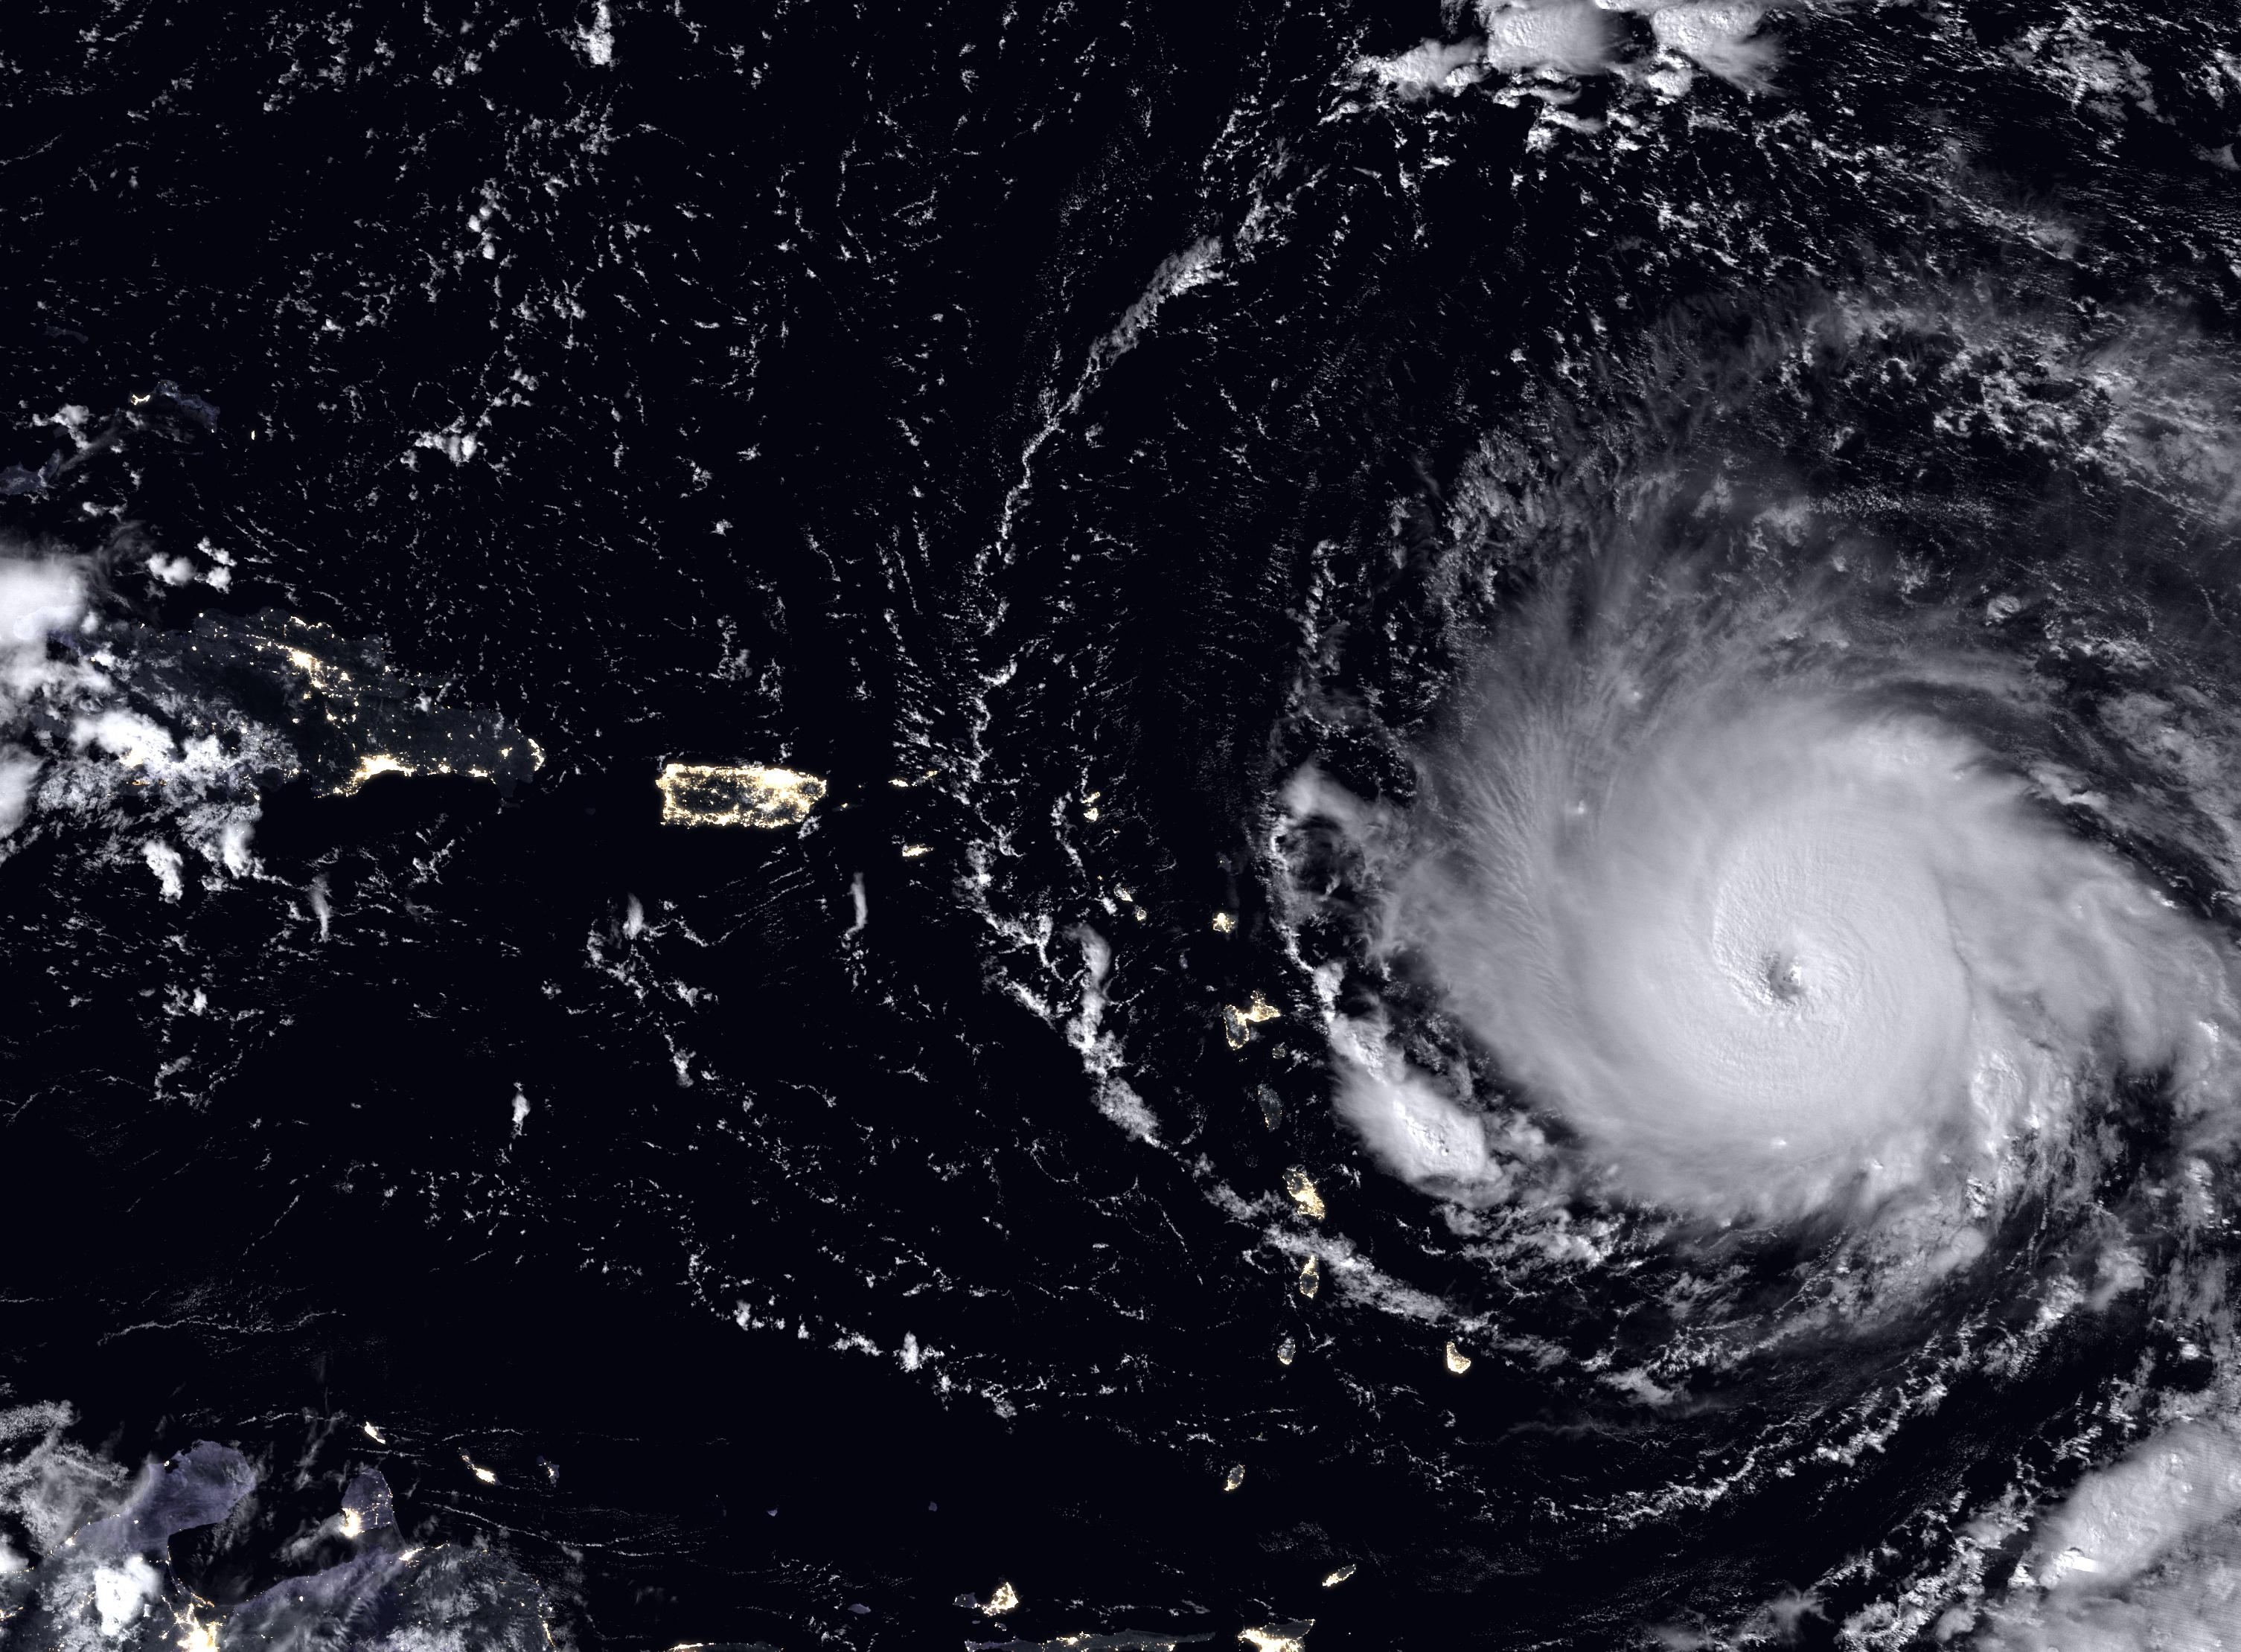 Boat headed towards a hurricane